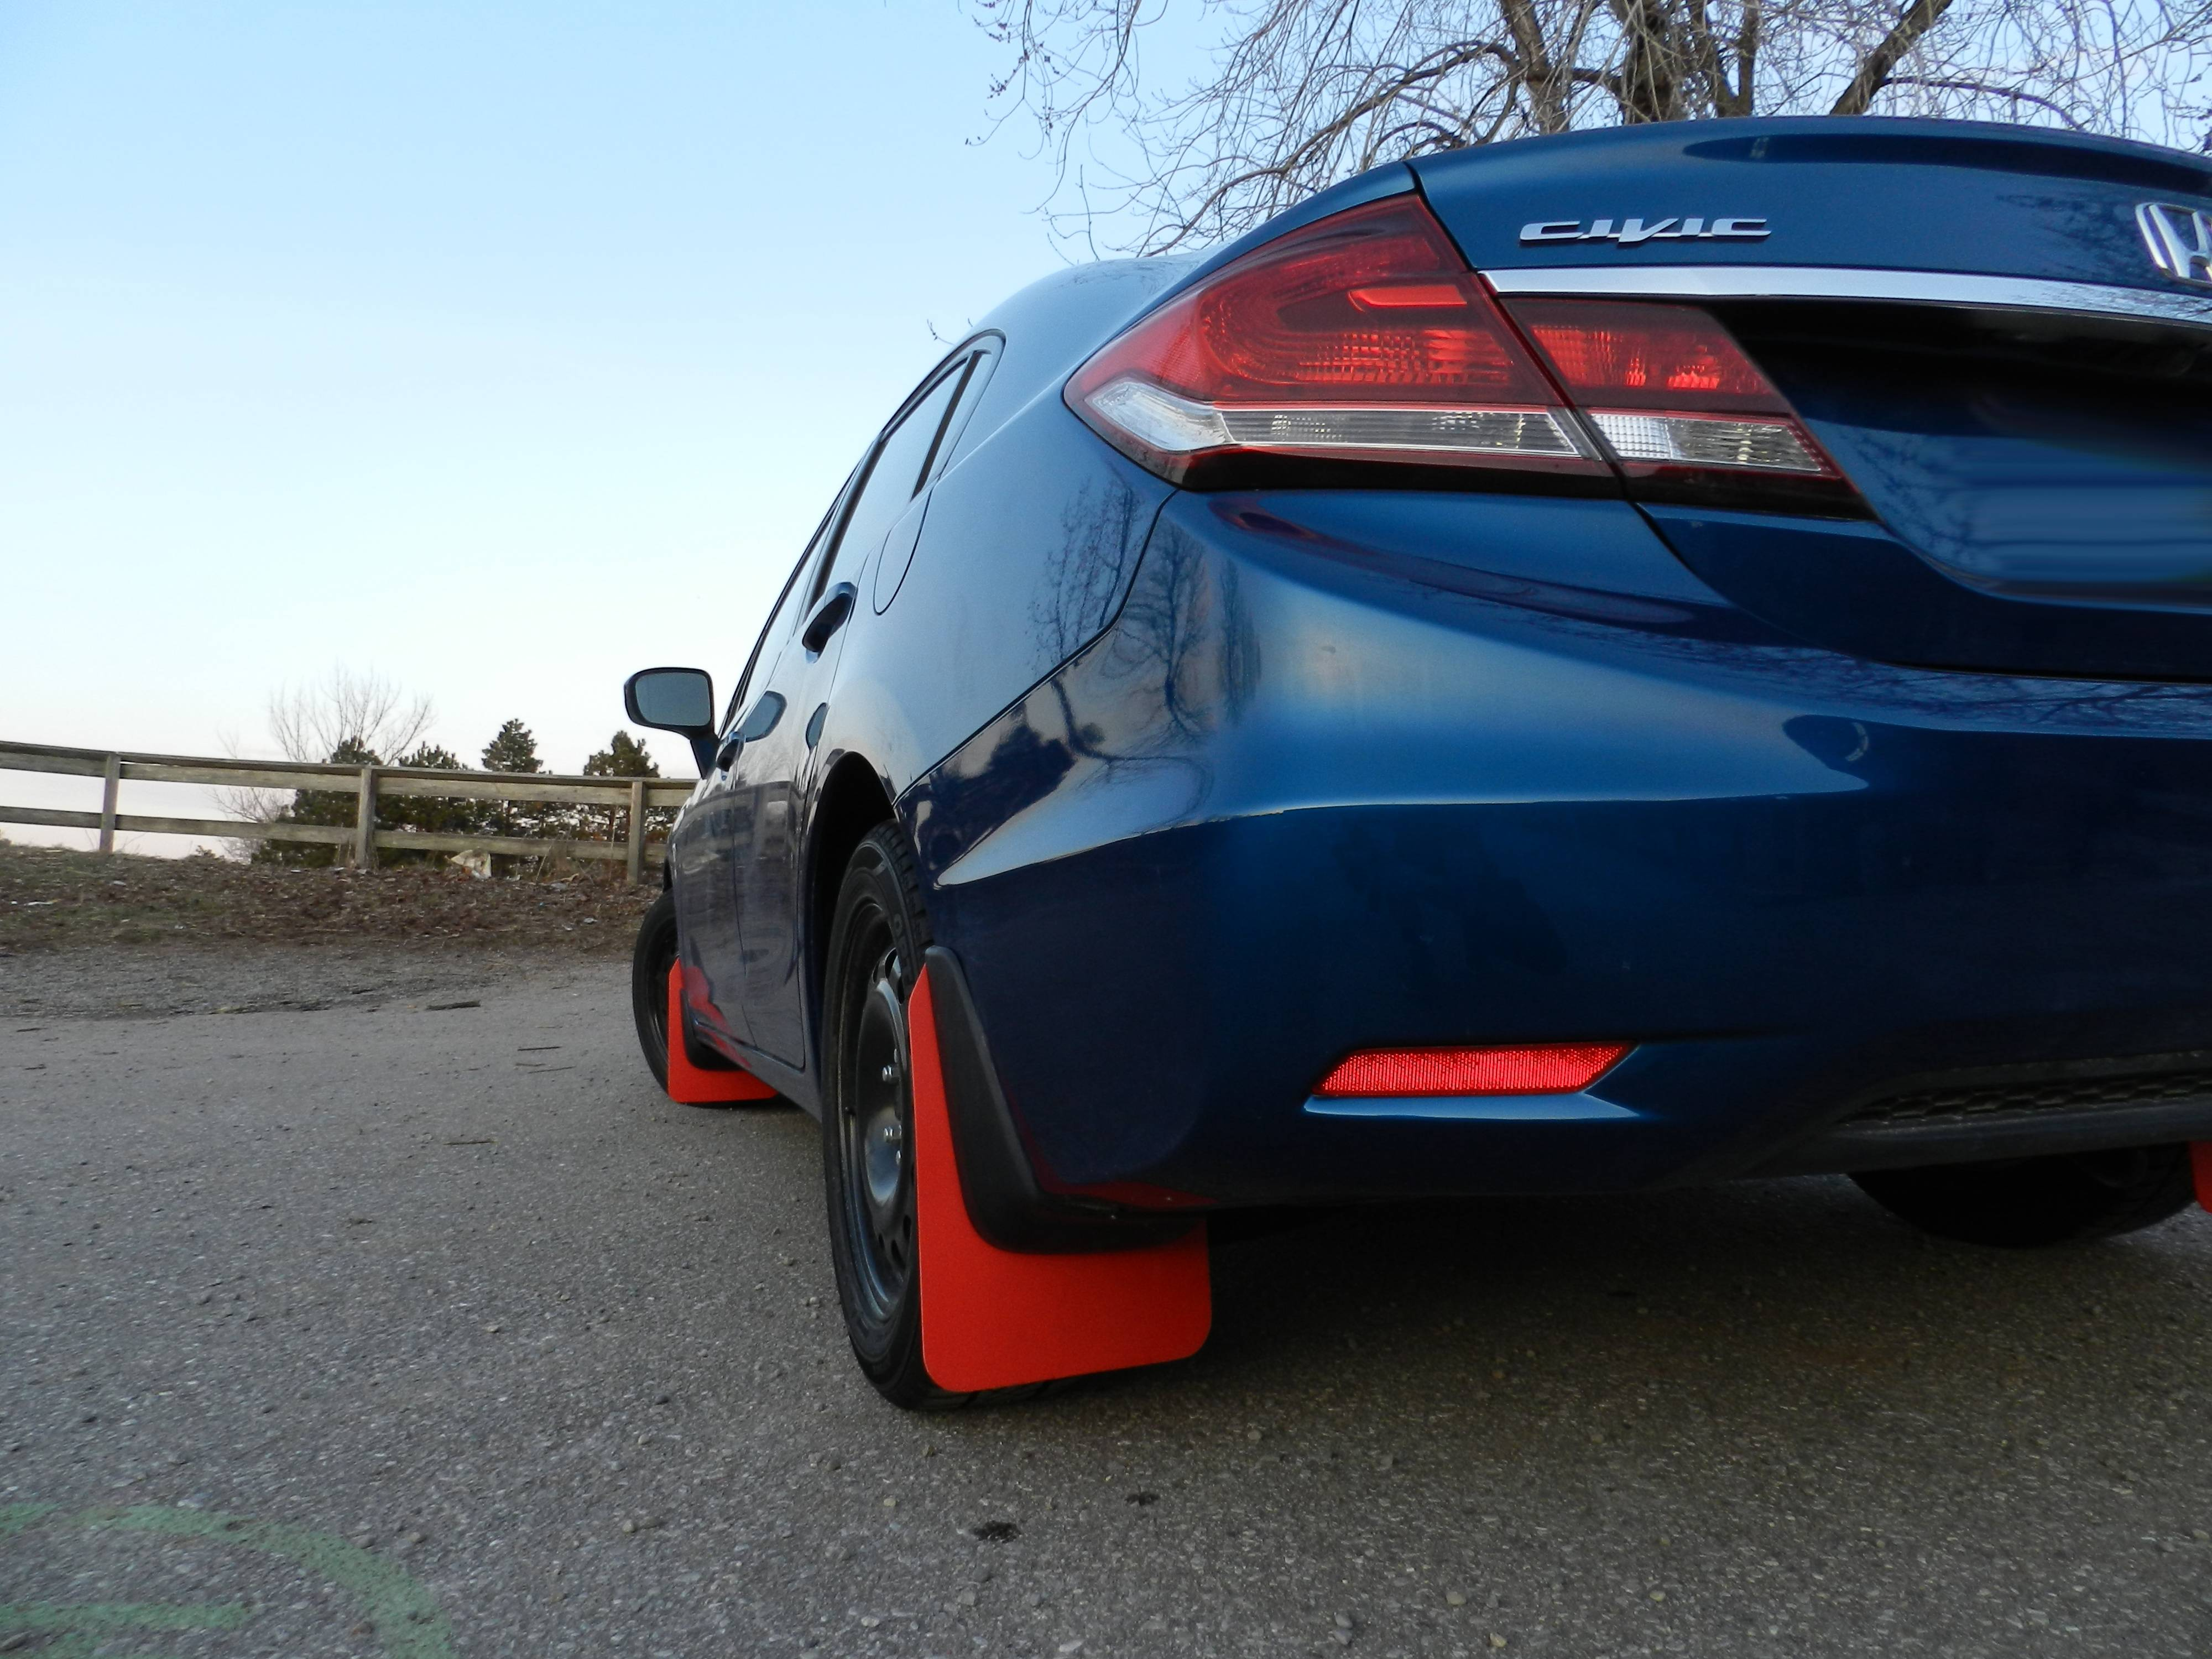 2015 Honda Civic Si Turbo >> VWVortex.com - WRX drivers and enormous mud flaps